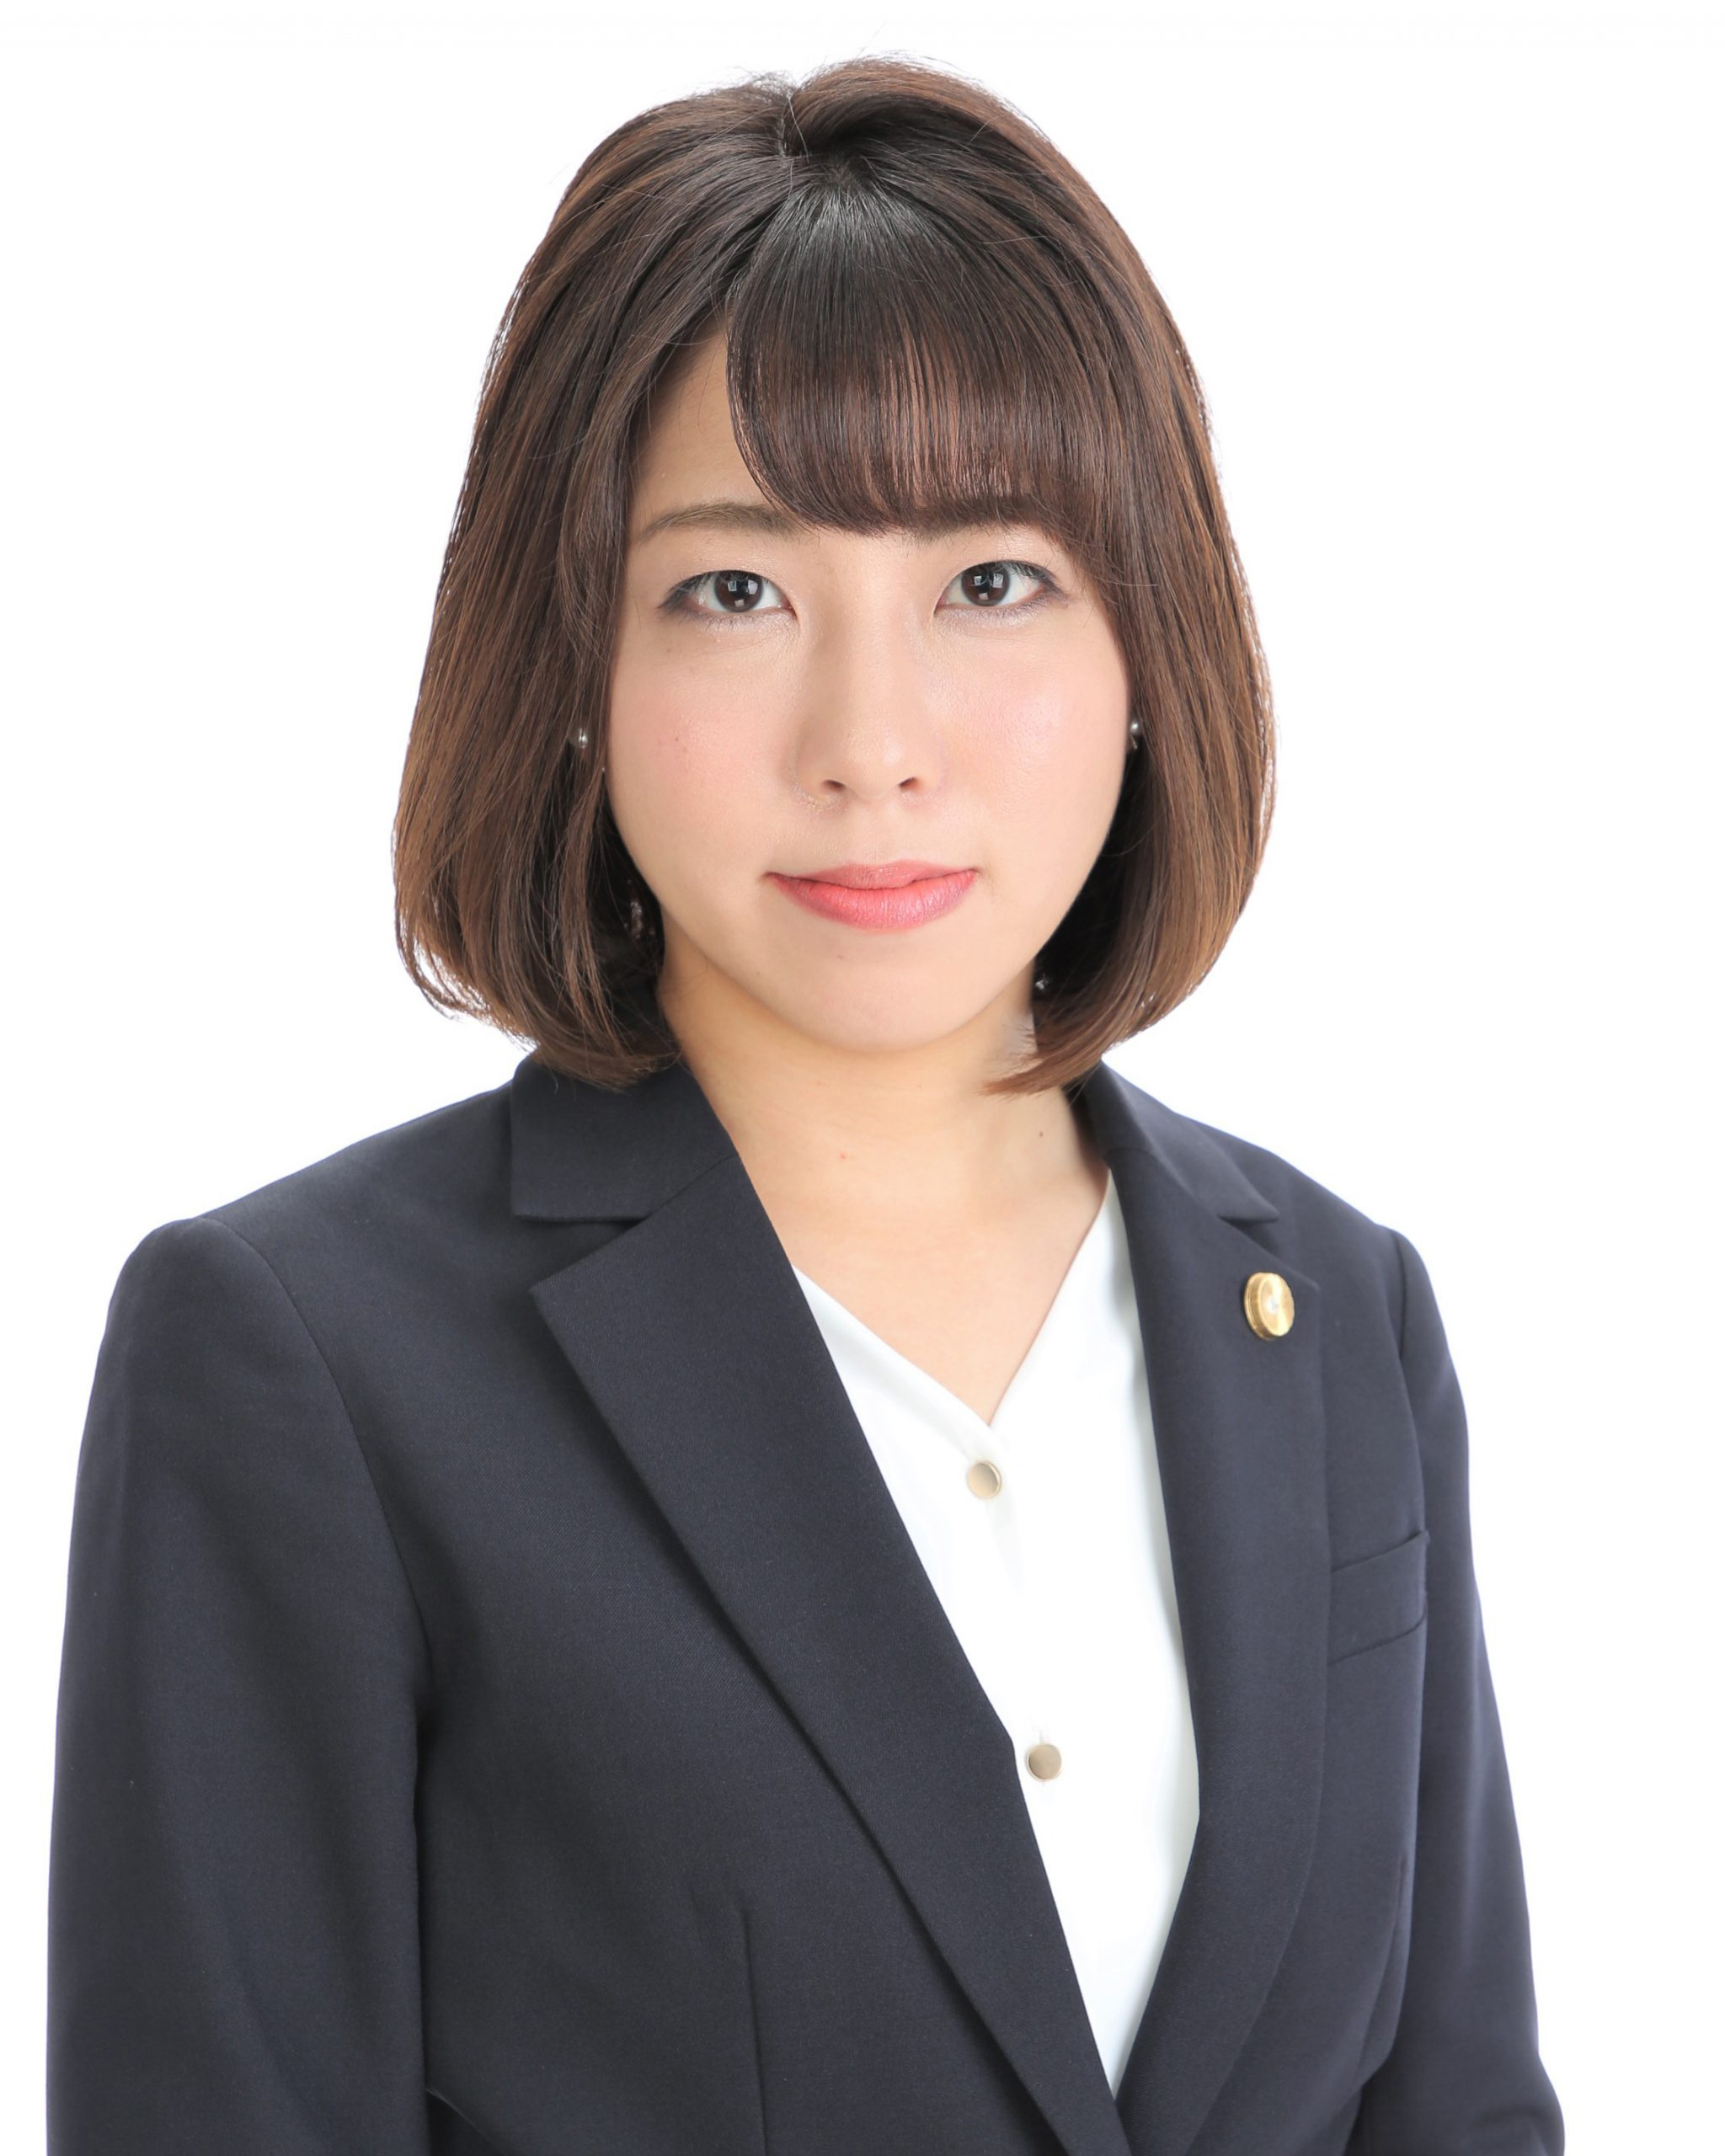 横山智実のプロフィール画像